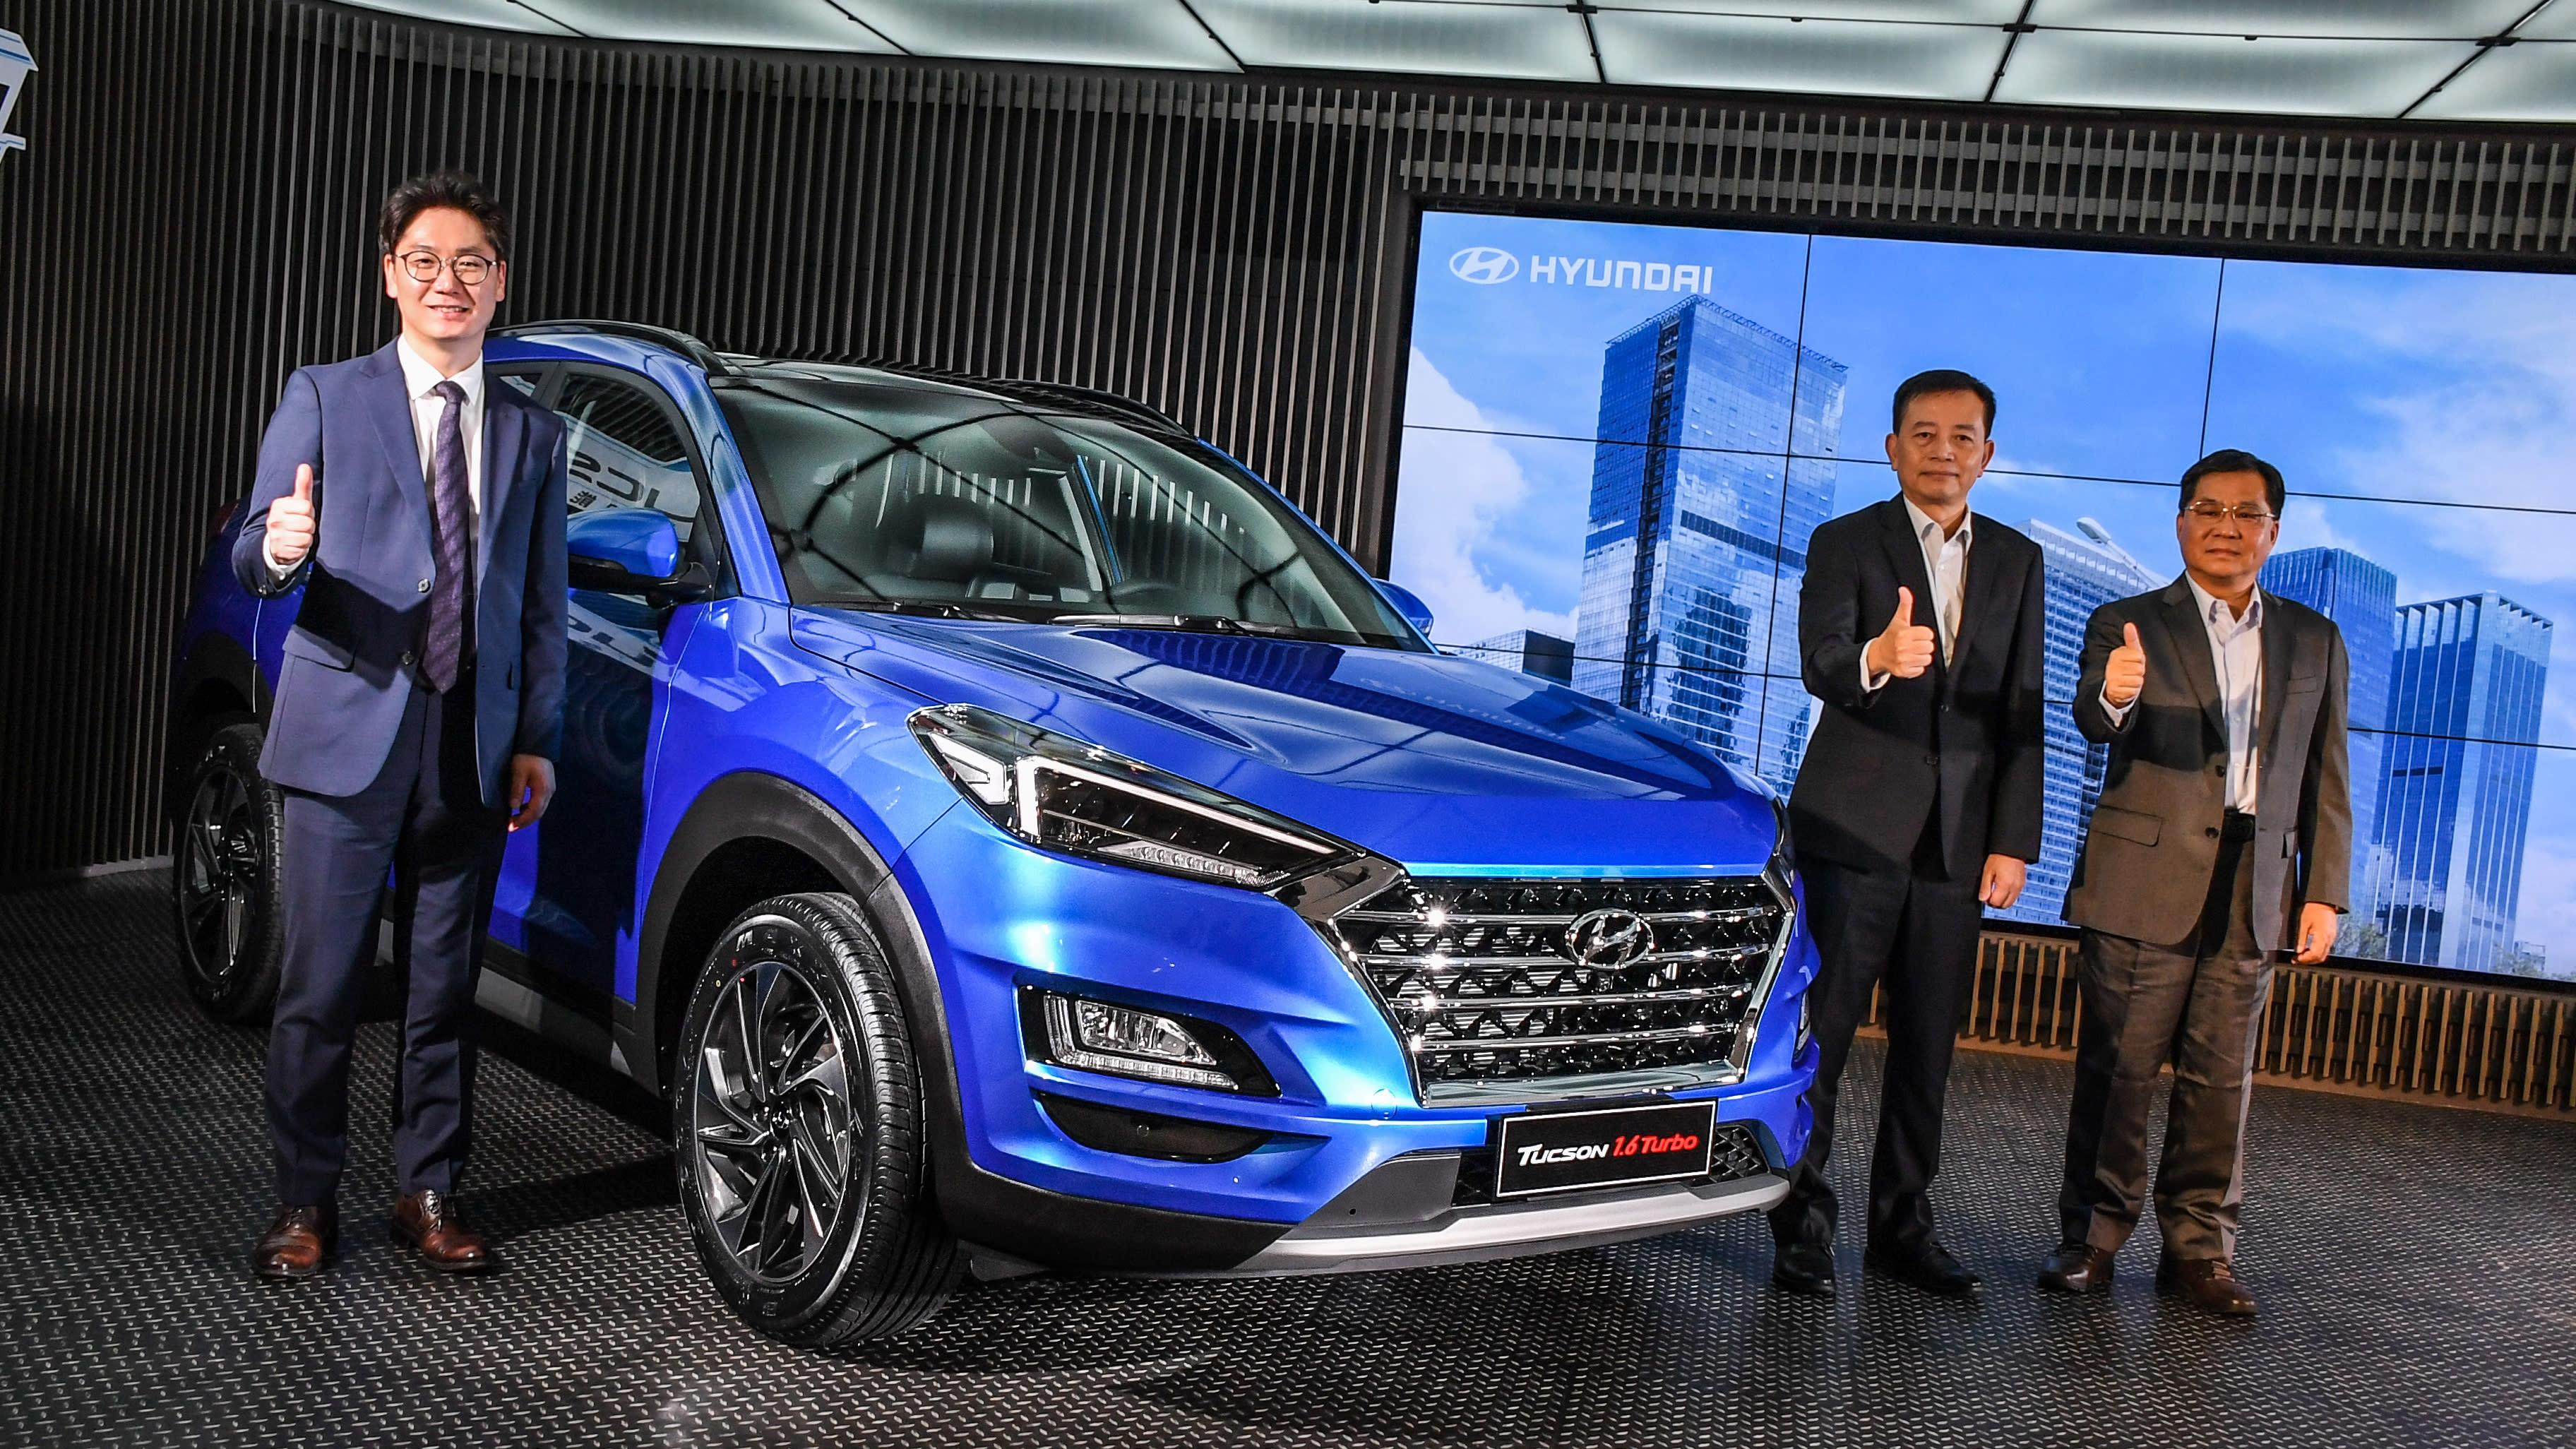 超有感小改款!Hyundai Tucson 補足安全科技